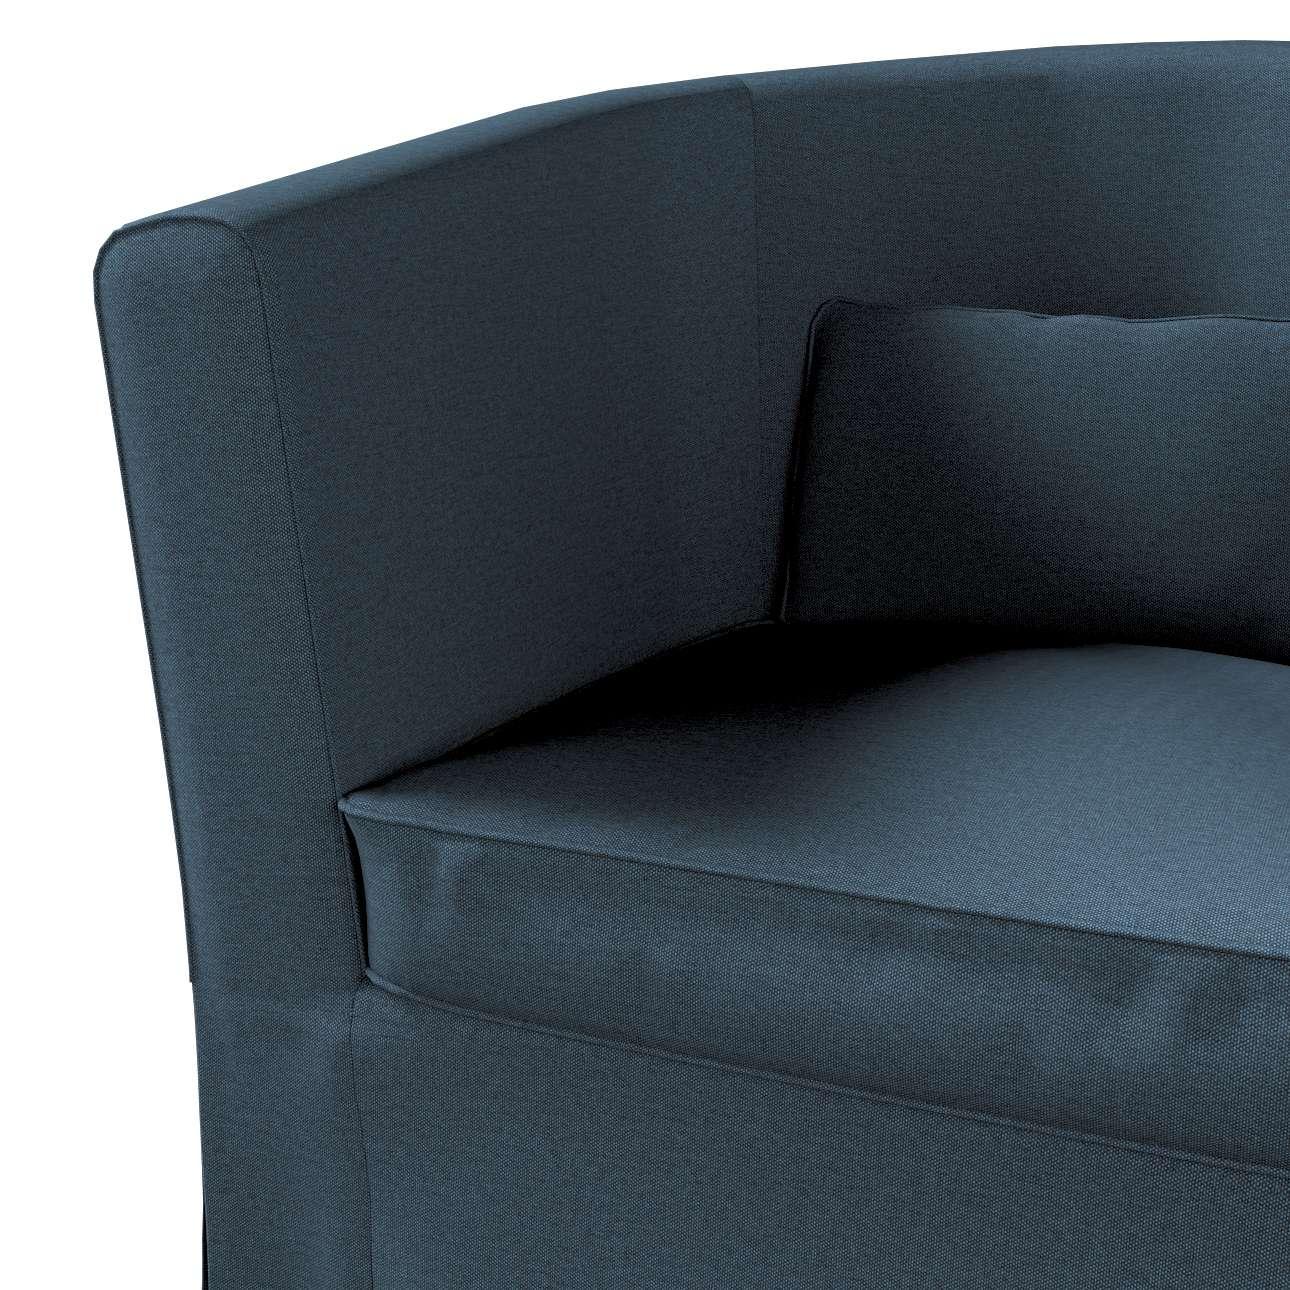 Bezug für Ektorp Tullsta Sessel von der Kollektion Etna, Stoff: 705-30